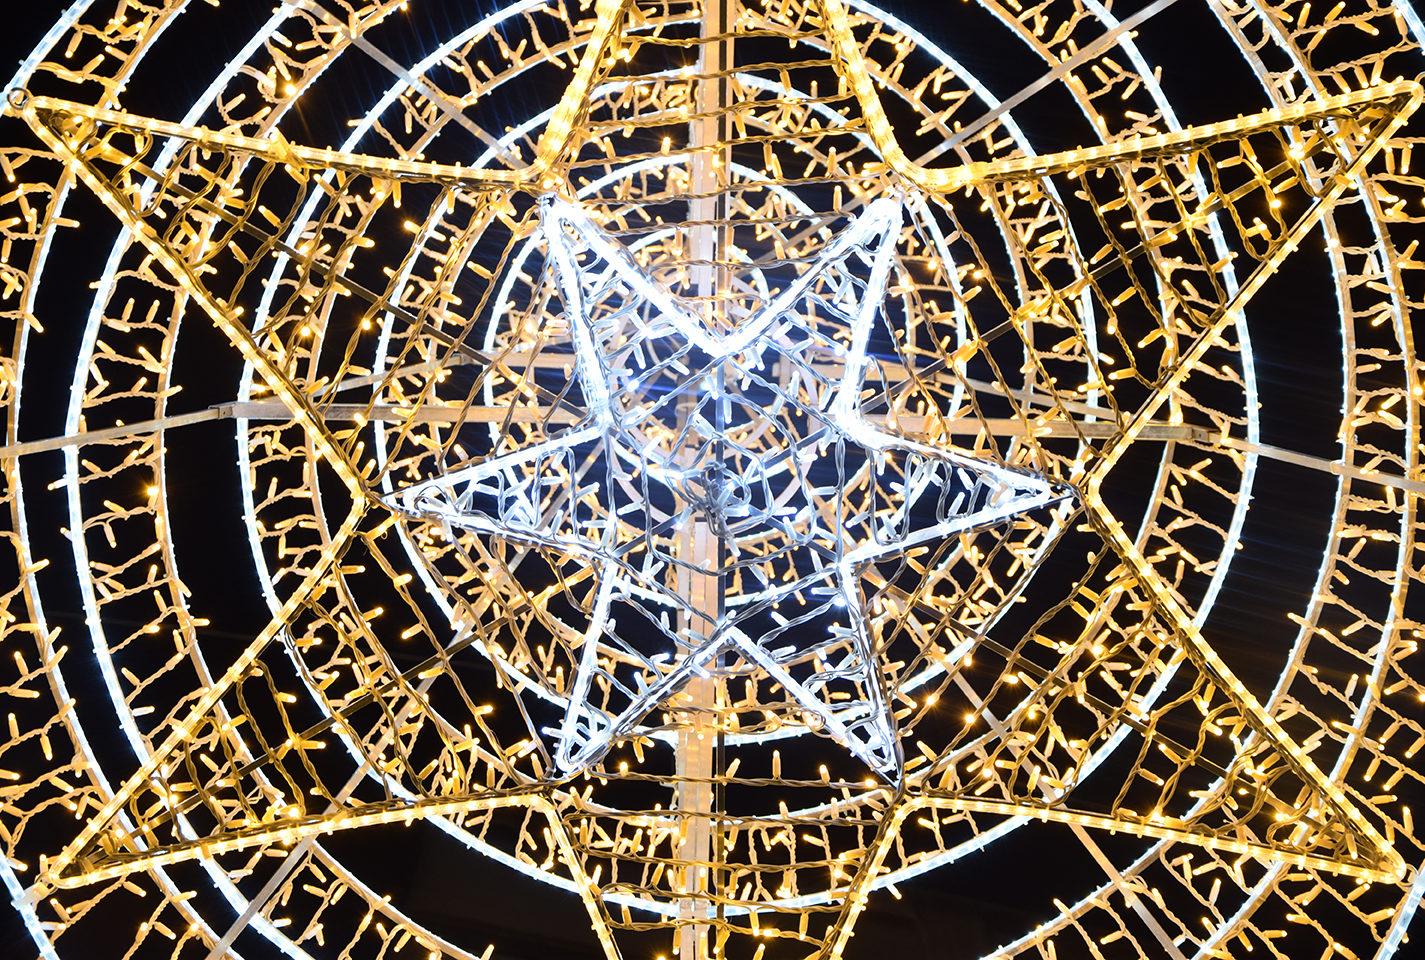 16 Elecfes Iluminaciones Navidad